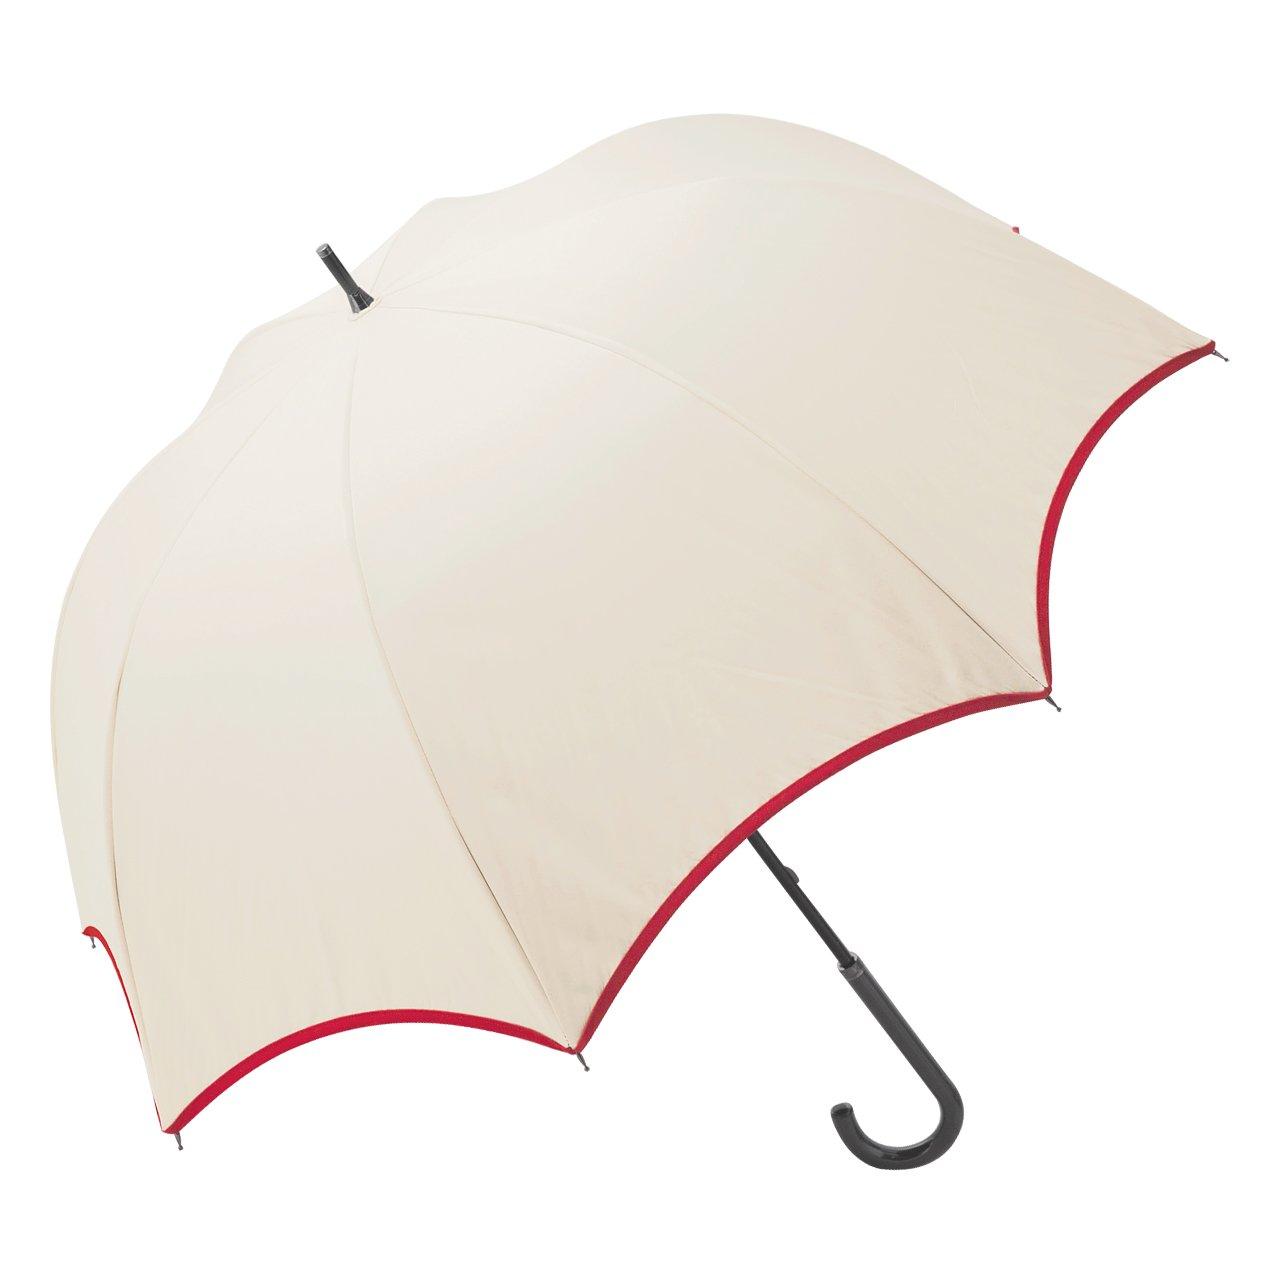 【Rose Blanc】100%完全遮光 晴雨兼用 涼感 パイピング ラージサイズ 60cm (ベージュ×レッド) B06XTGVYY5 ベージュ×レッド ベージュ×レッド